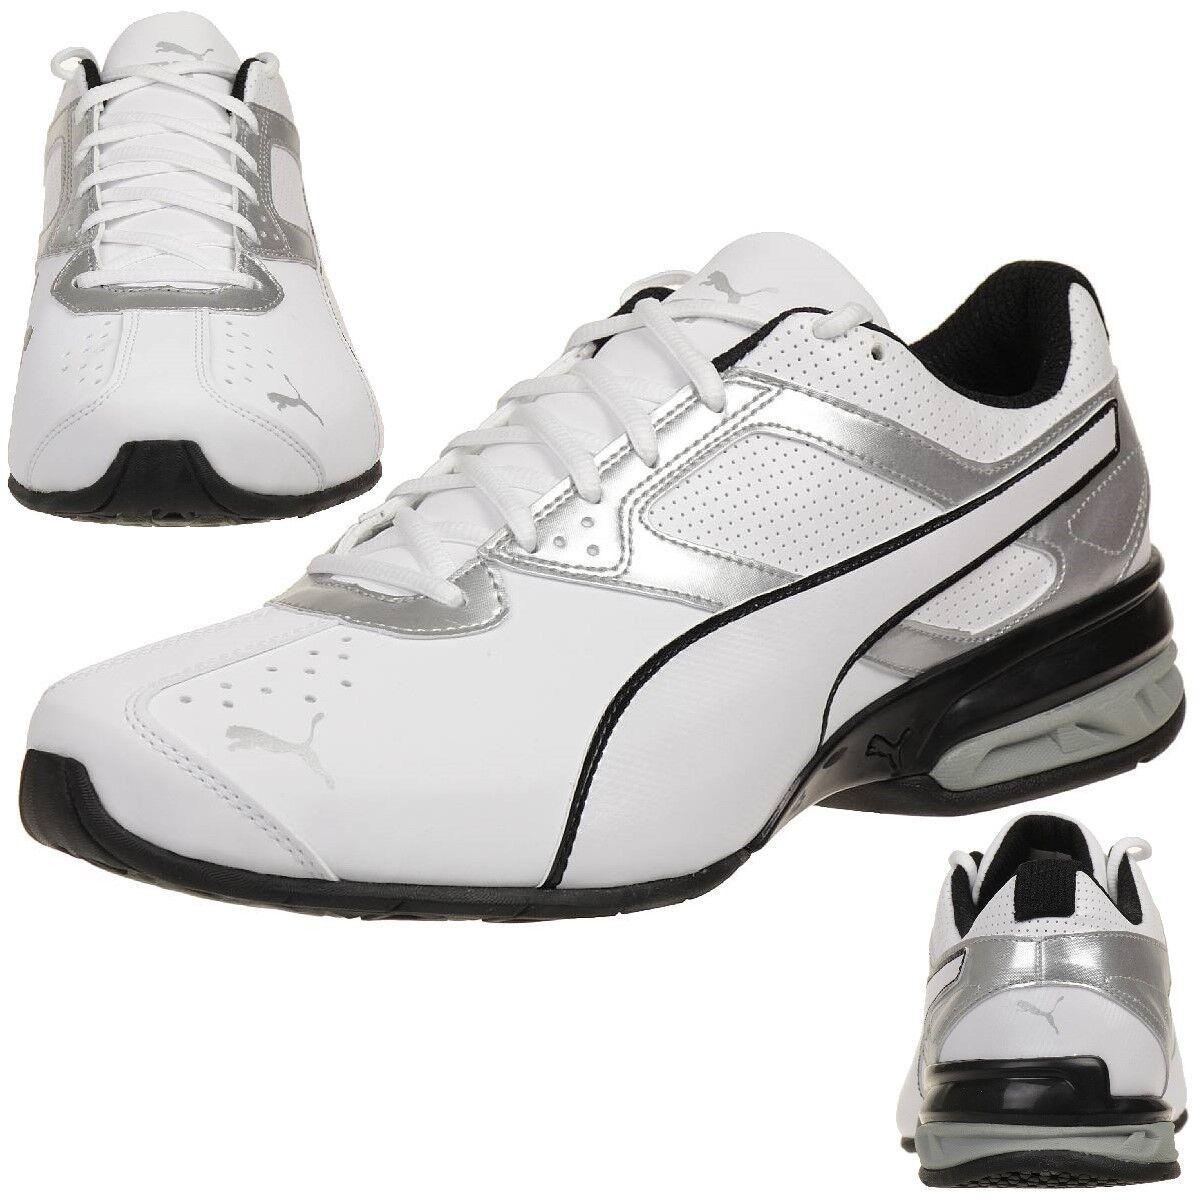 Puma Tazon 6 Fm Baskets Hommes Chaussures de Course 189873 01 Blanc